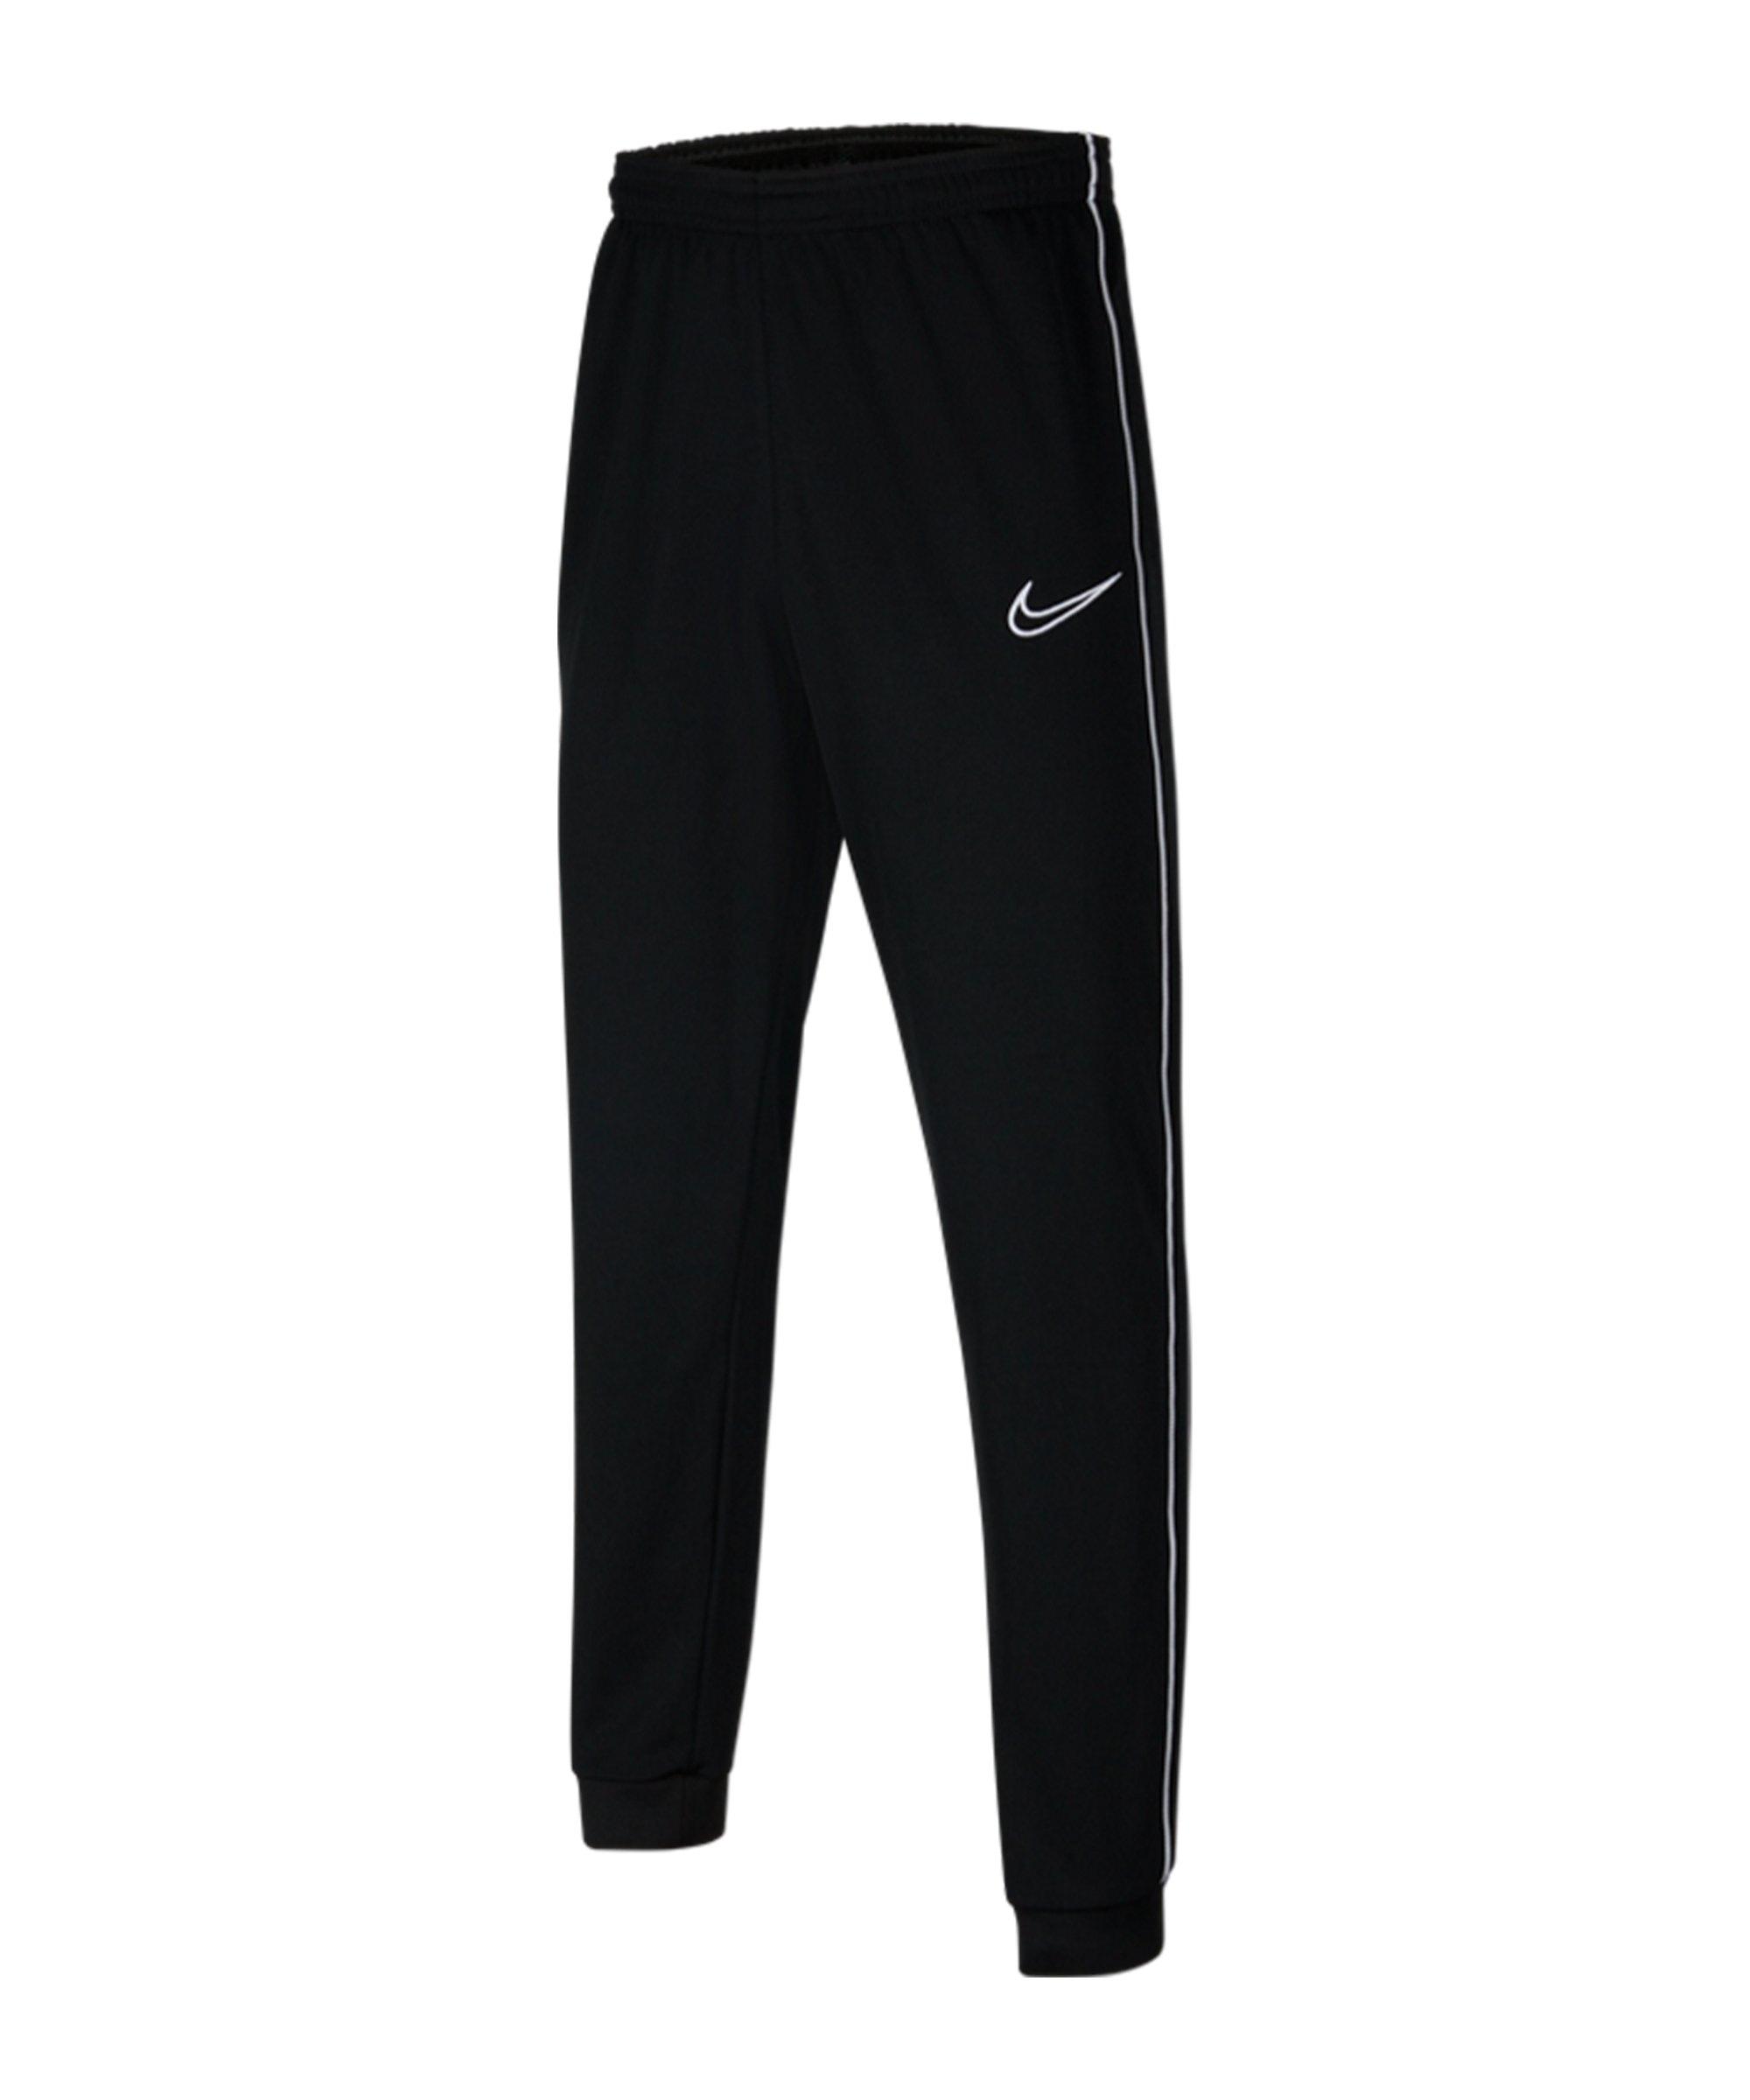 Nike Dry Academy Trainingshose Kids Schwarz F010 - schwarz